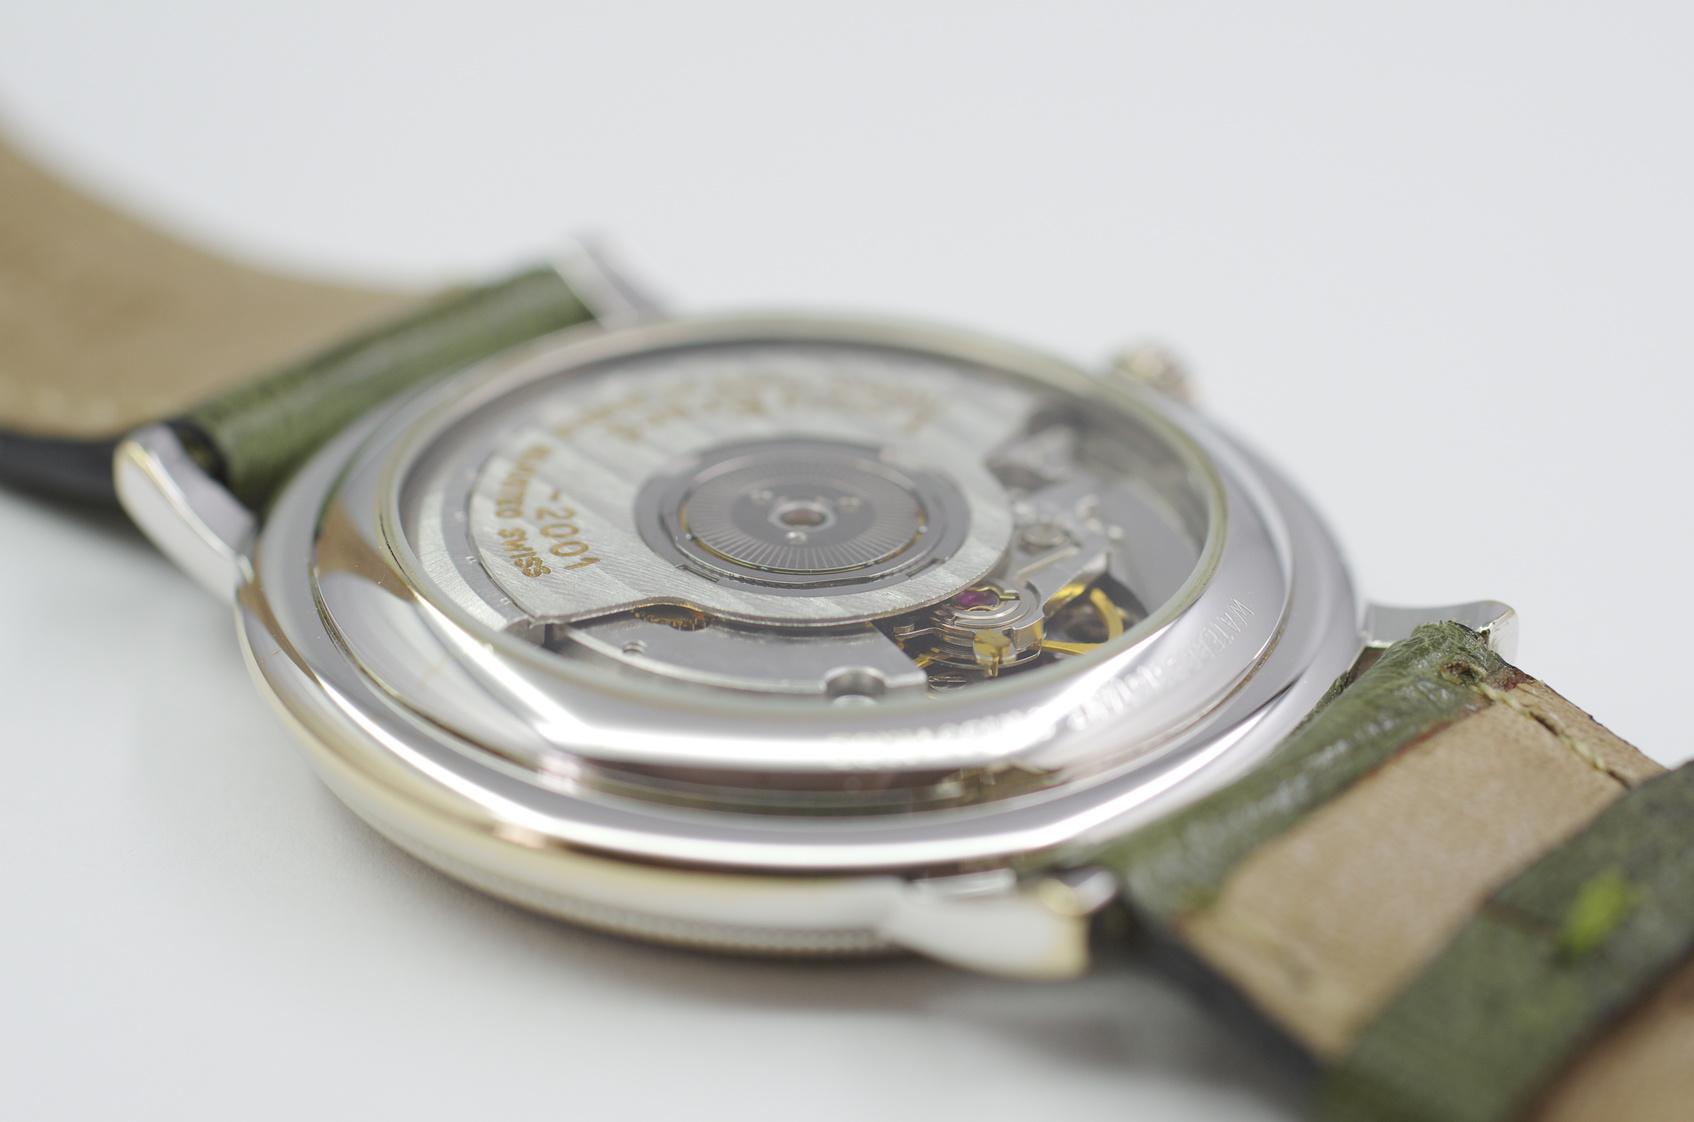 機械式時計のメンテナンスは、どこに依頼すればよいの?